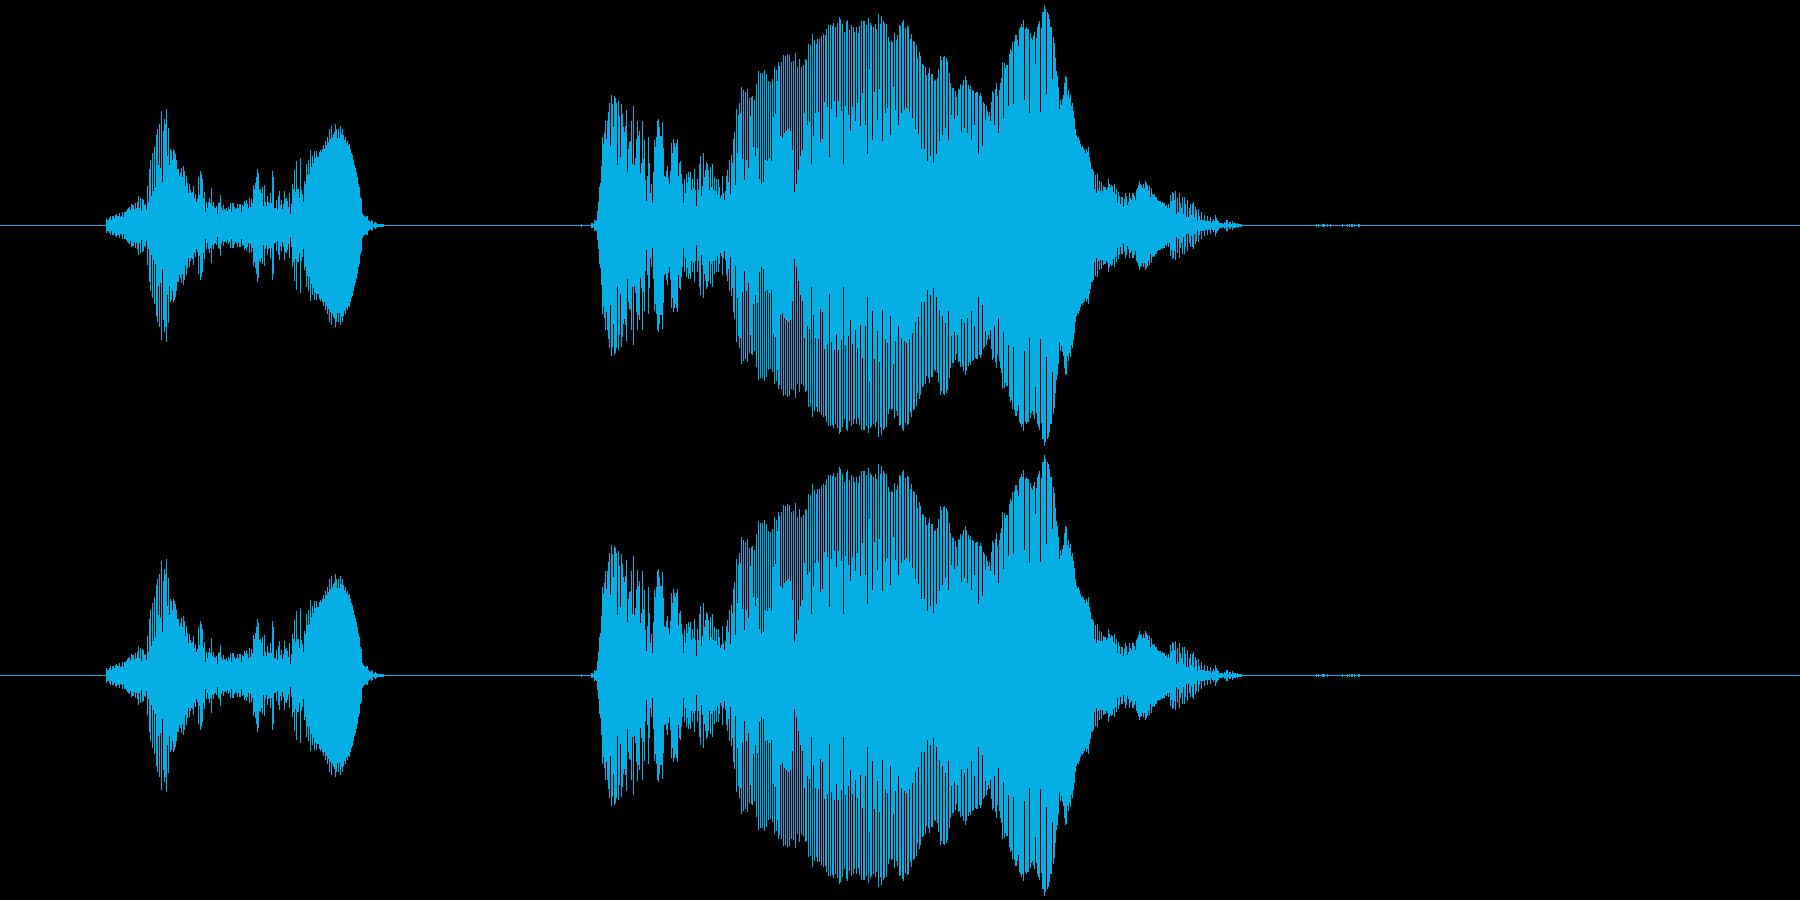 いった〜い!の再生済みの波形